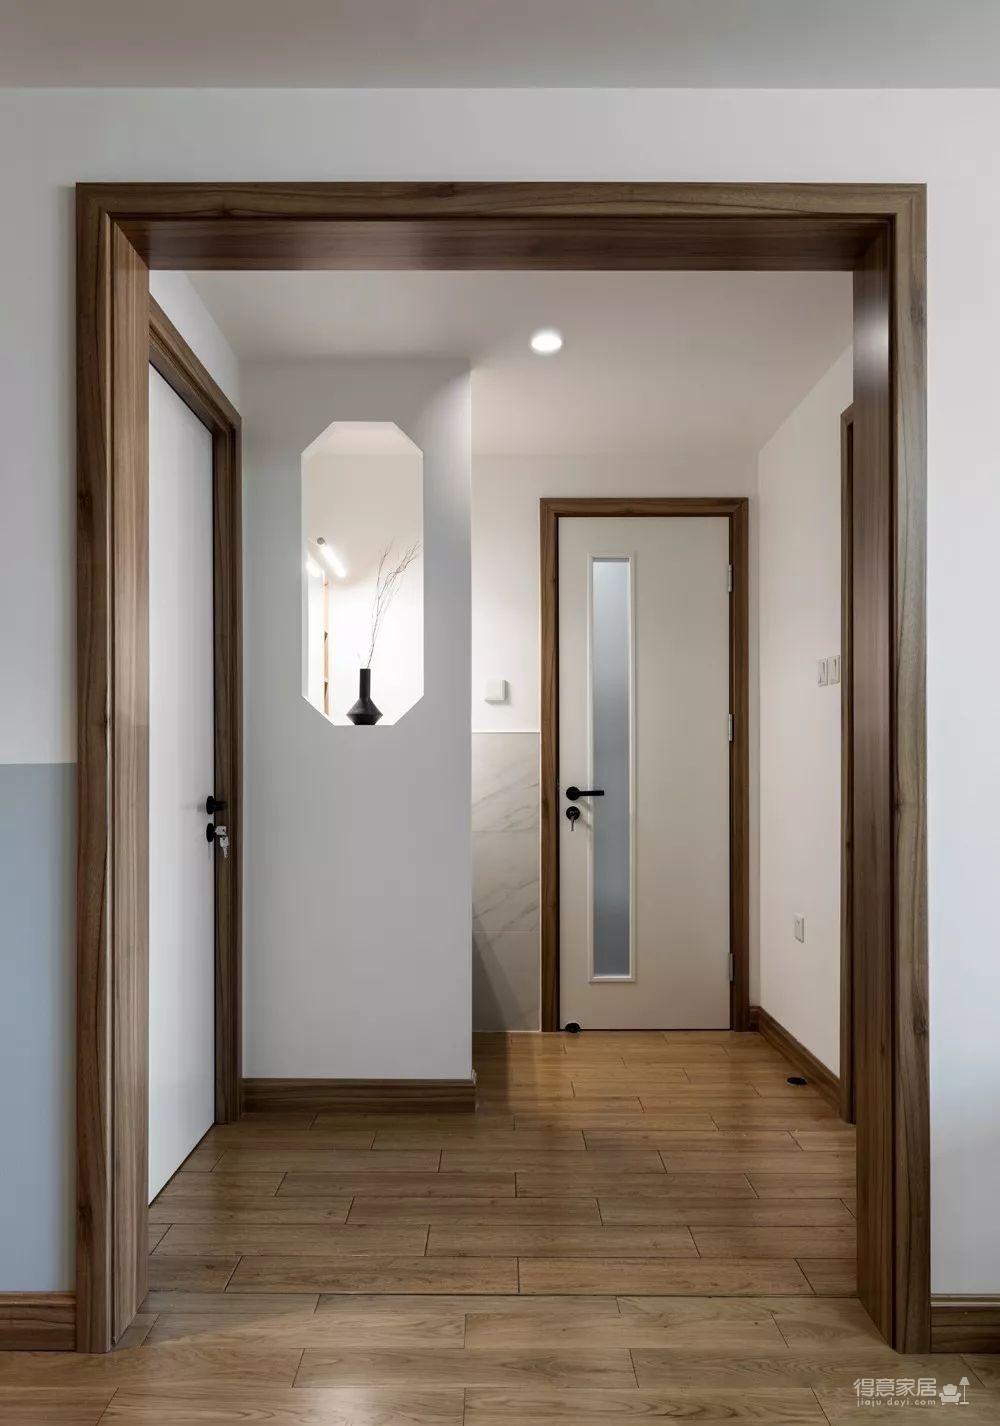 94㎡新中式装修,清新淡雅的色调、格栅屏风、八角格窗,诗意深厚!